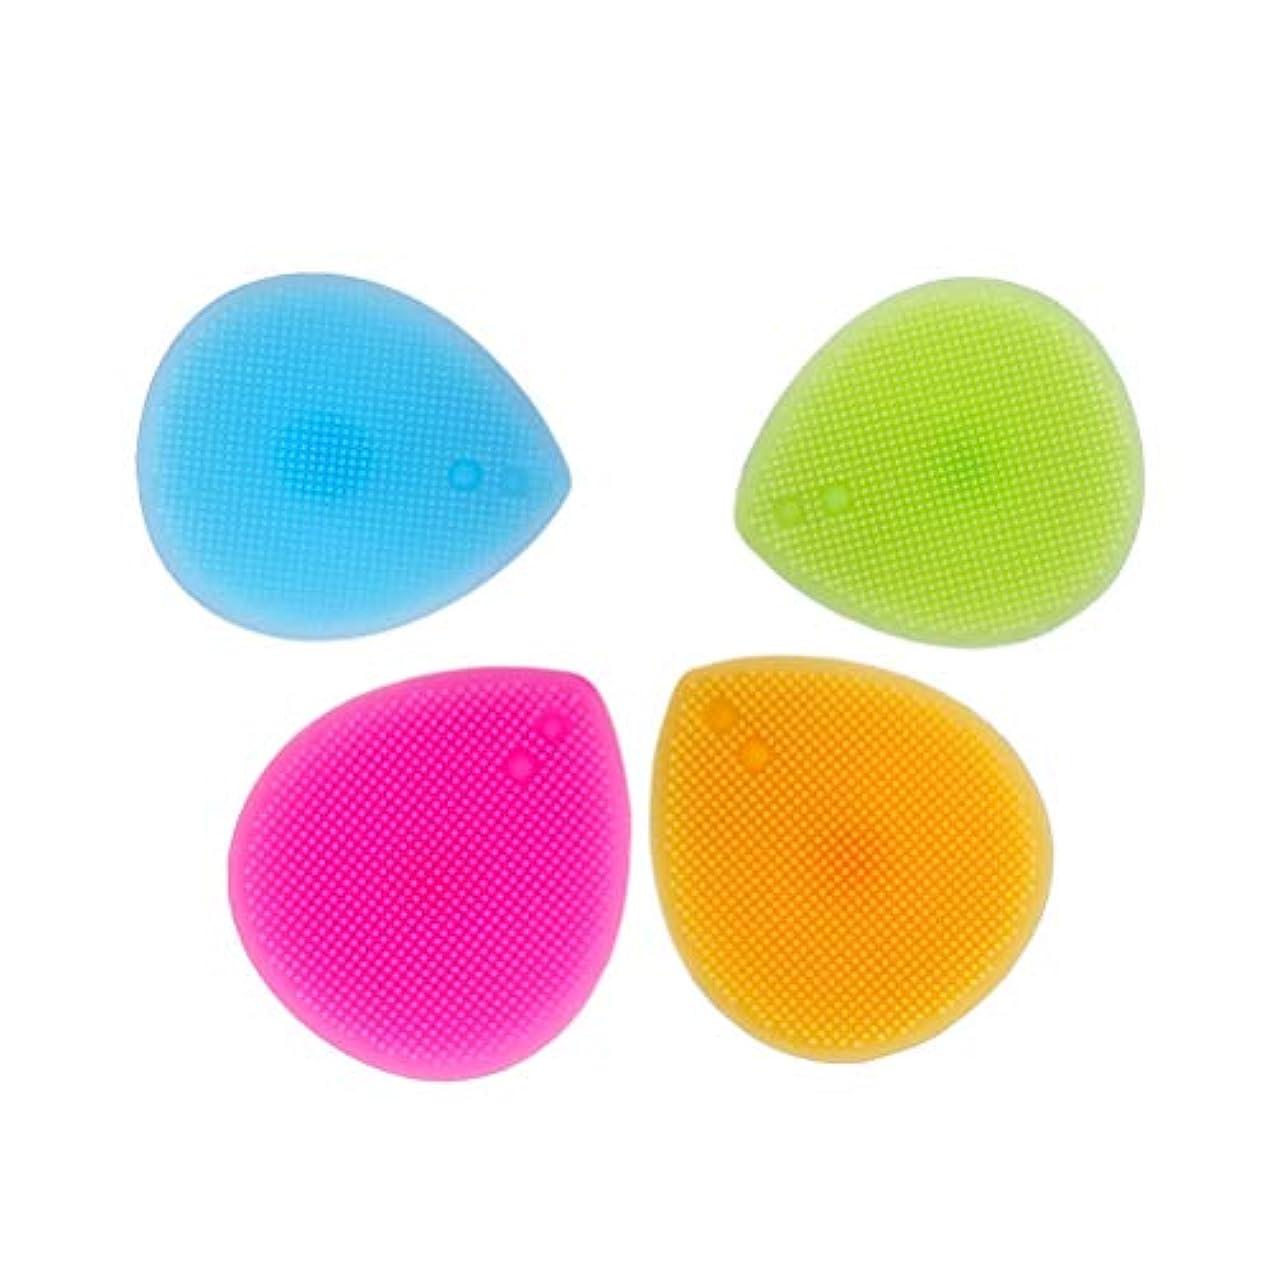 合計誓いアドバイスHEALIFTY シリコーンブラシクリーナー4PCSメイクアップブラシクリーニングパッドリトルラバーマット(オレンジ+ローズ+ブルー+グリーン)